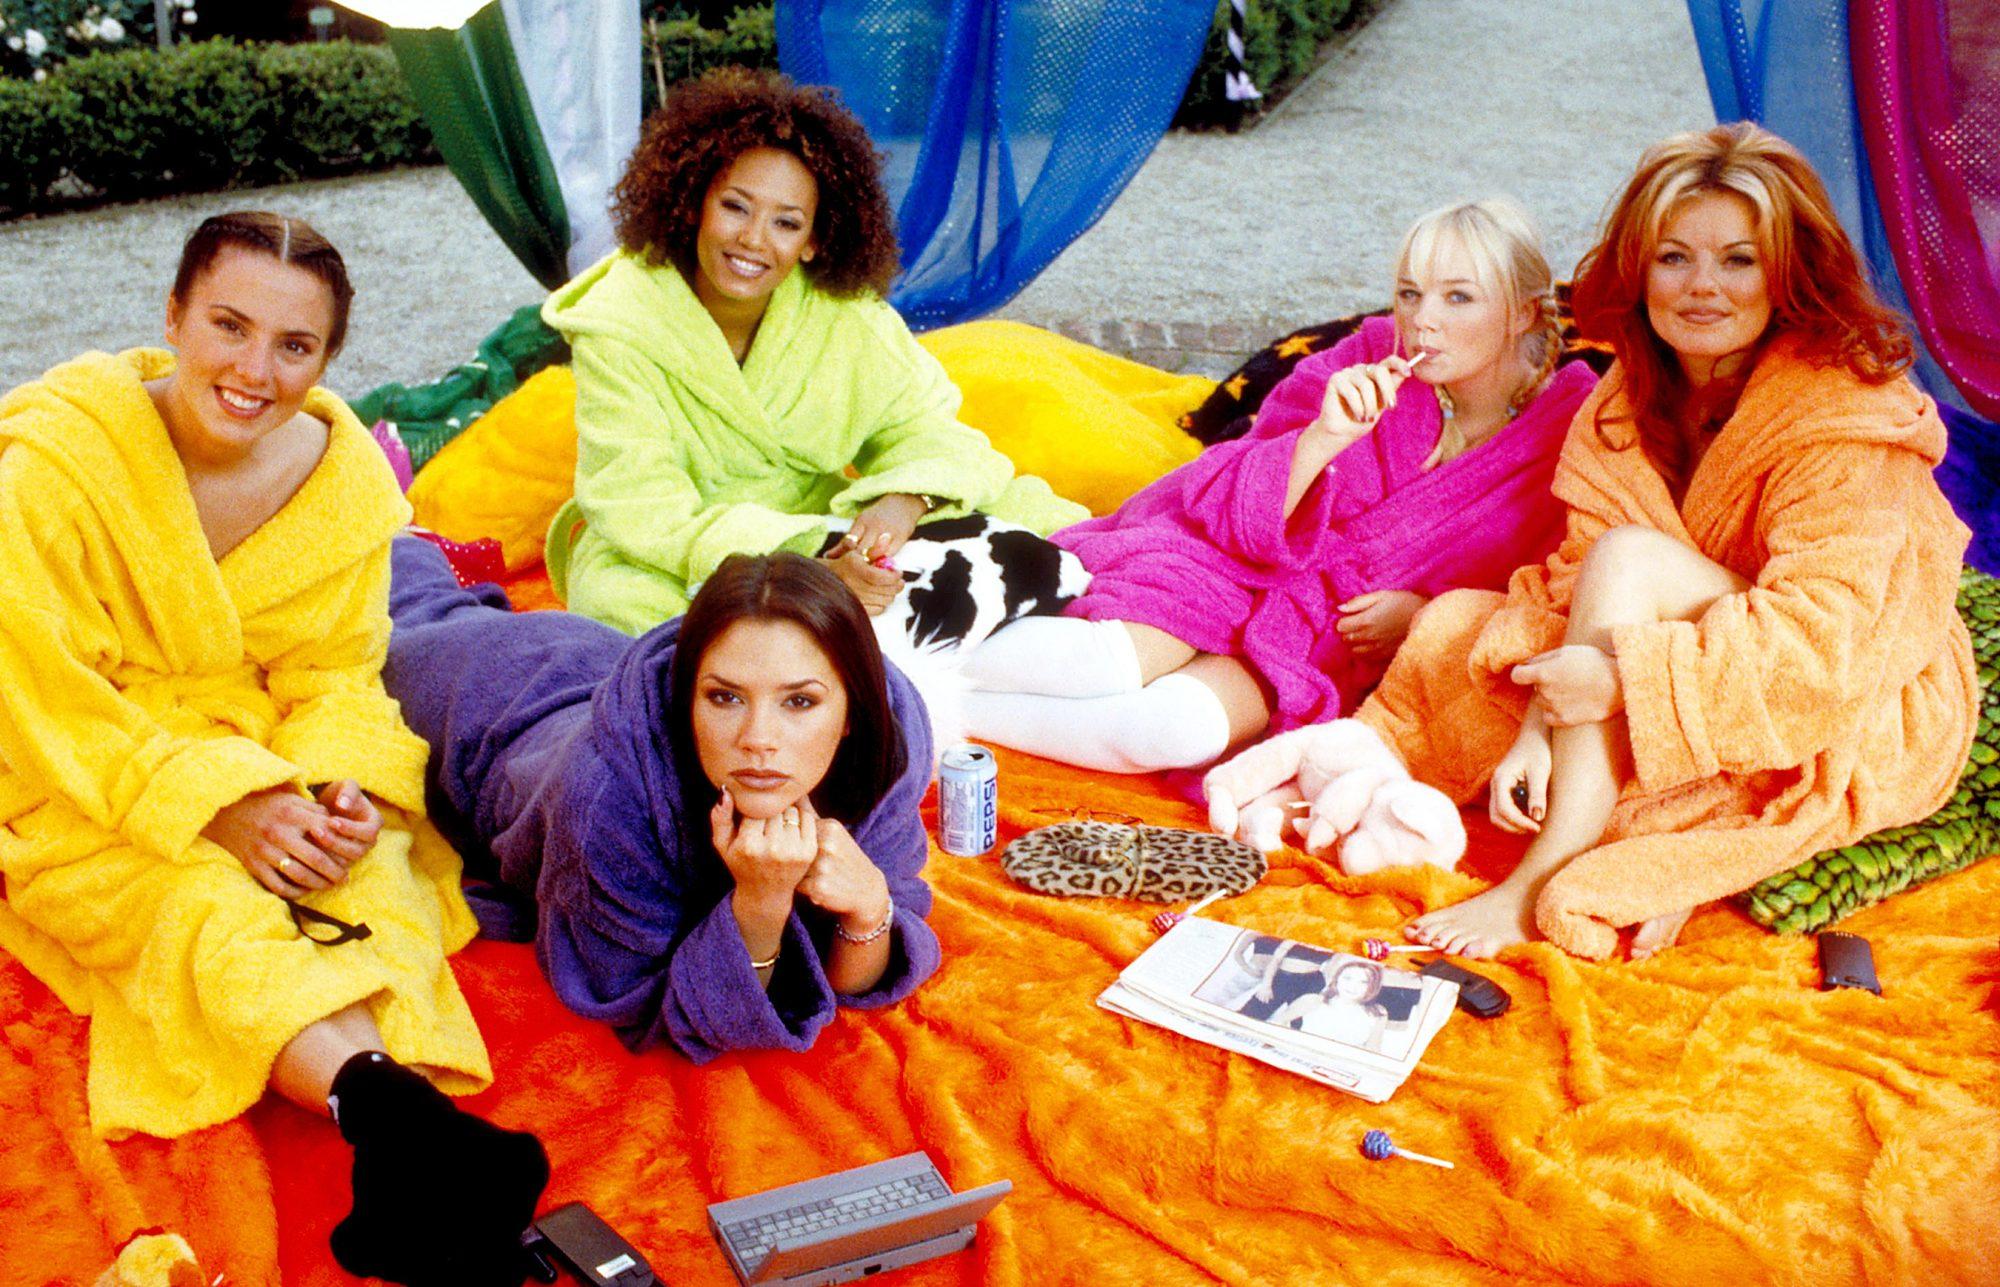 SPICE WORLD, Melanie Chisholm, Victoria Beckham, Melanie Brown, Emma Bunton, Geri Halliwell,  1997,(